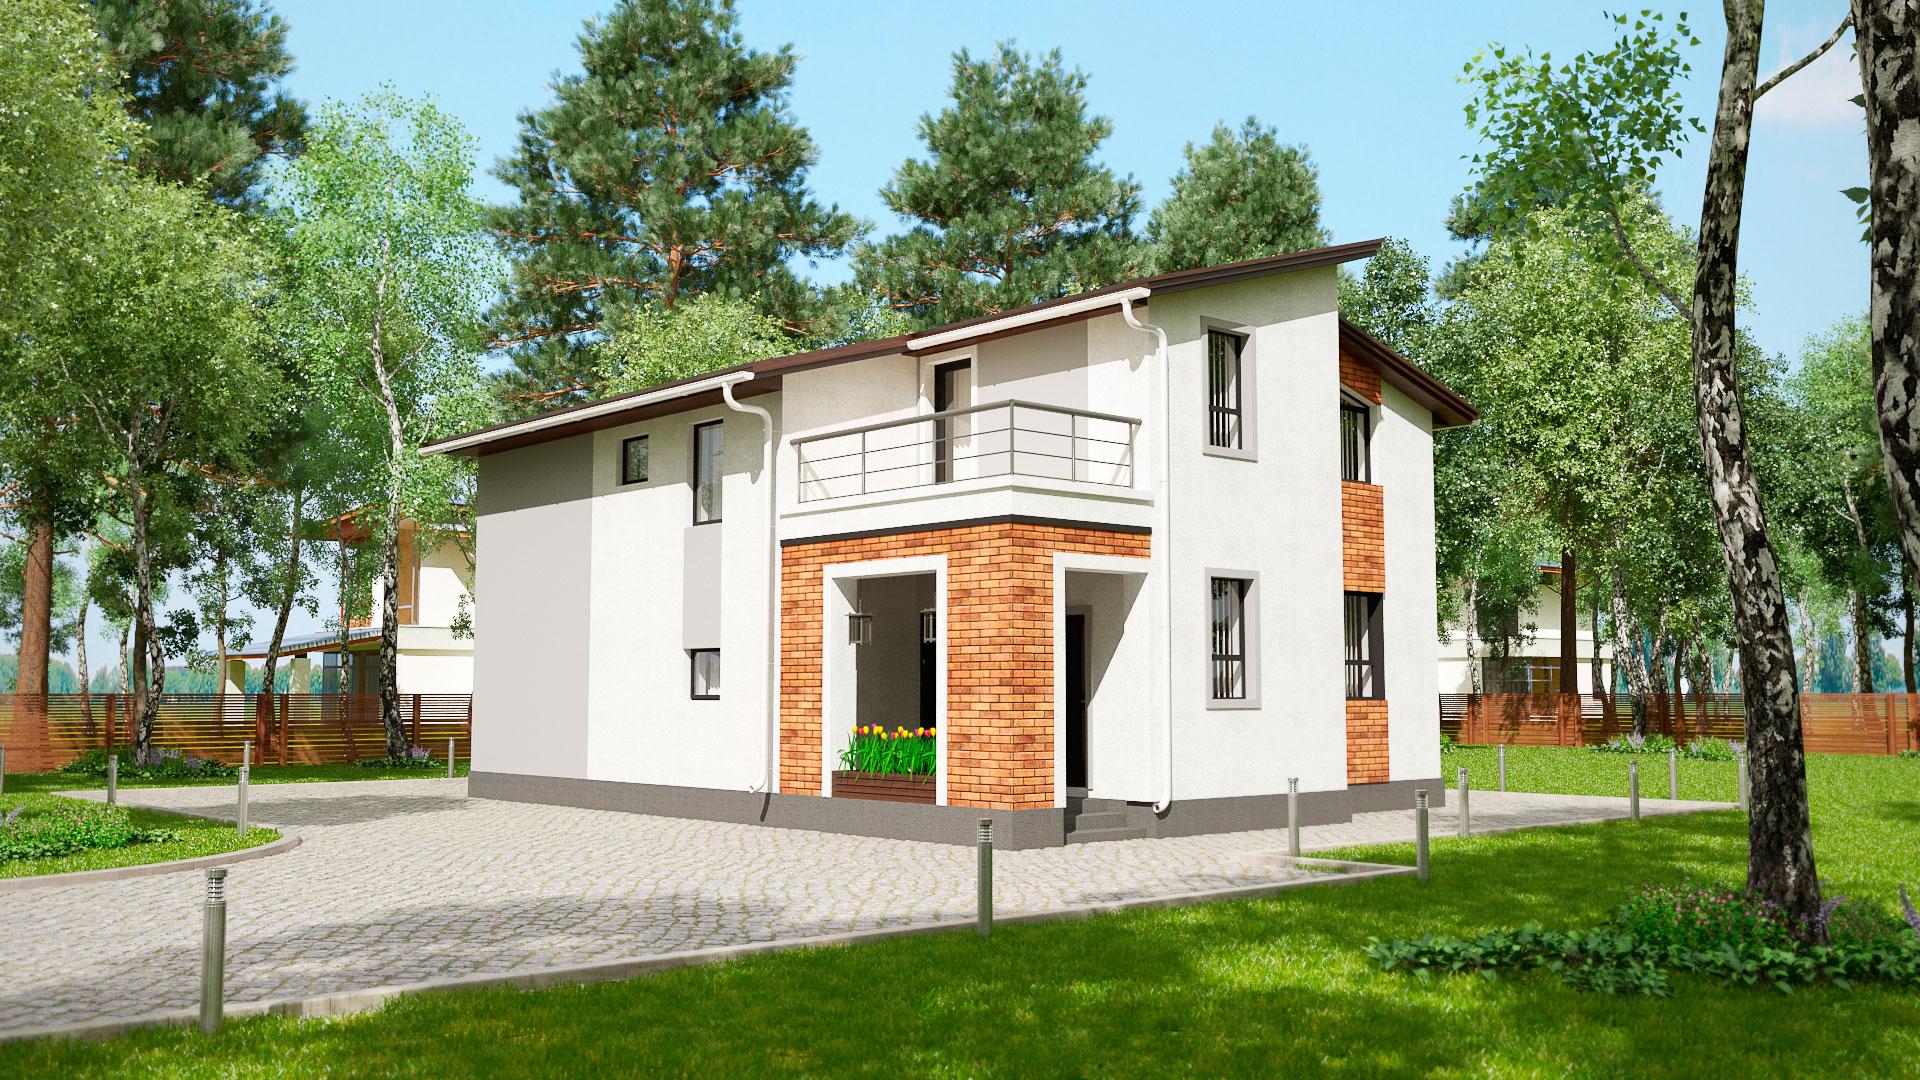 Передний и боковой фасады двухэтажного дома БЭНПАН, проект МС-202.